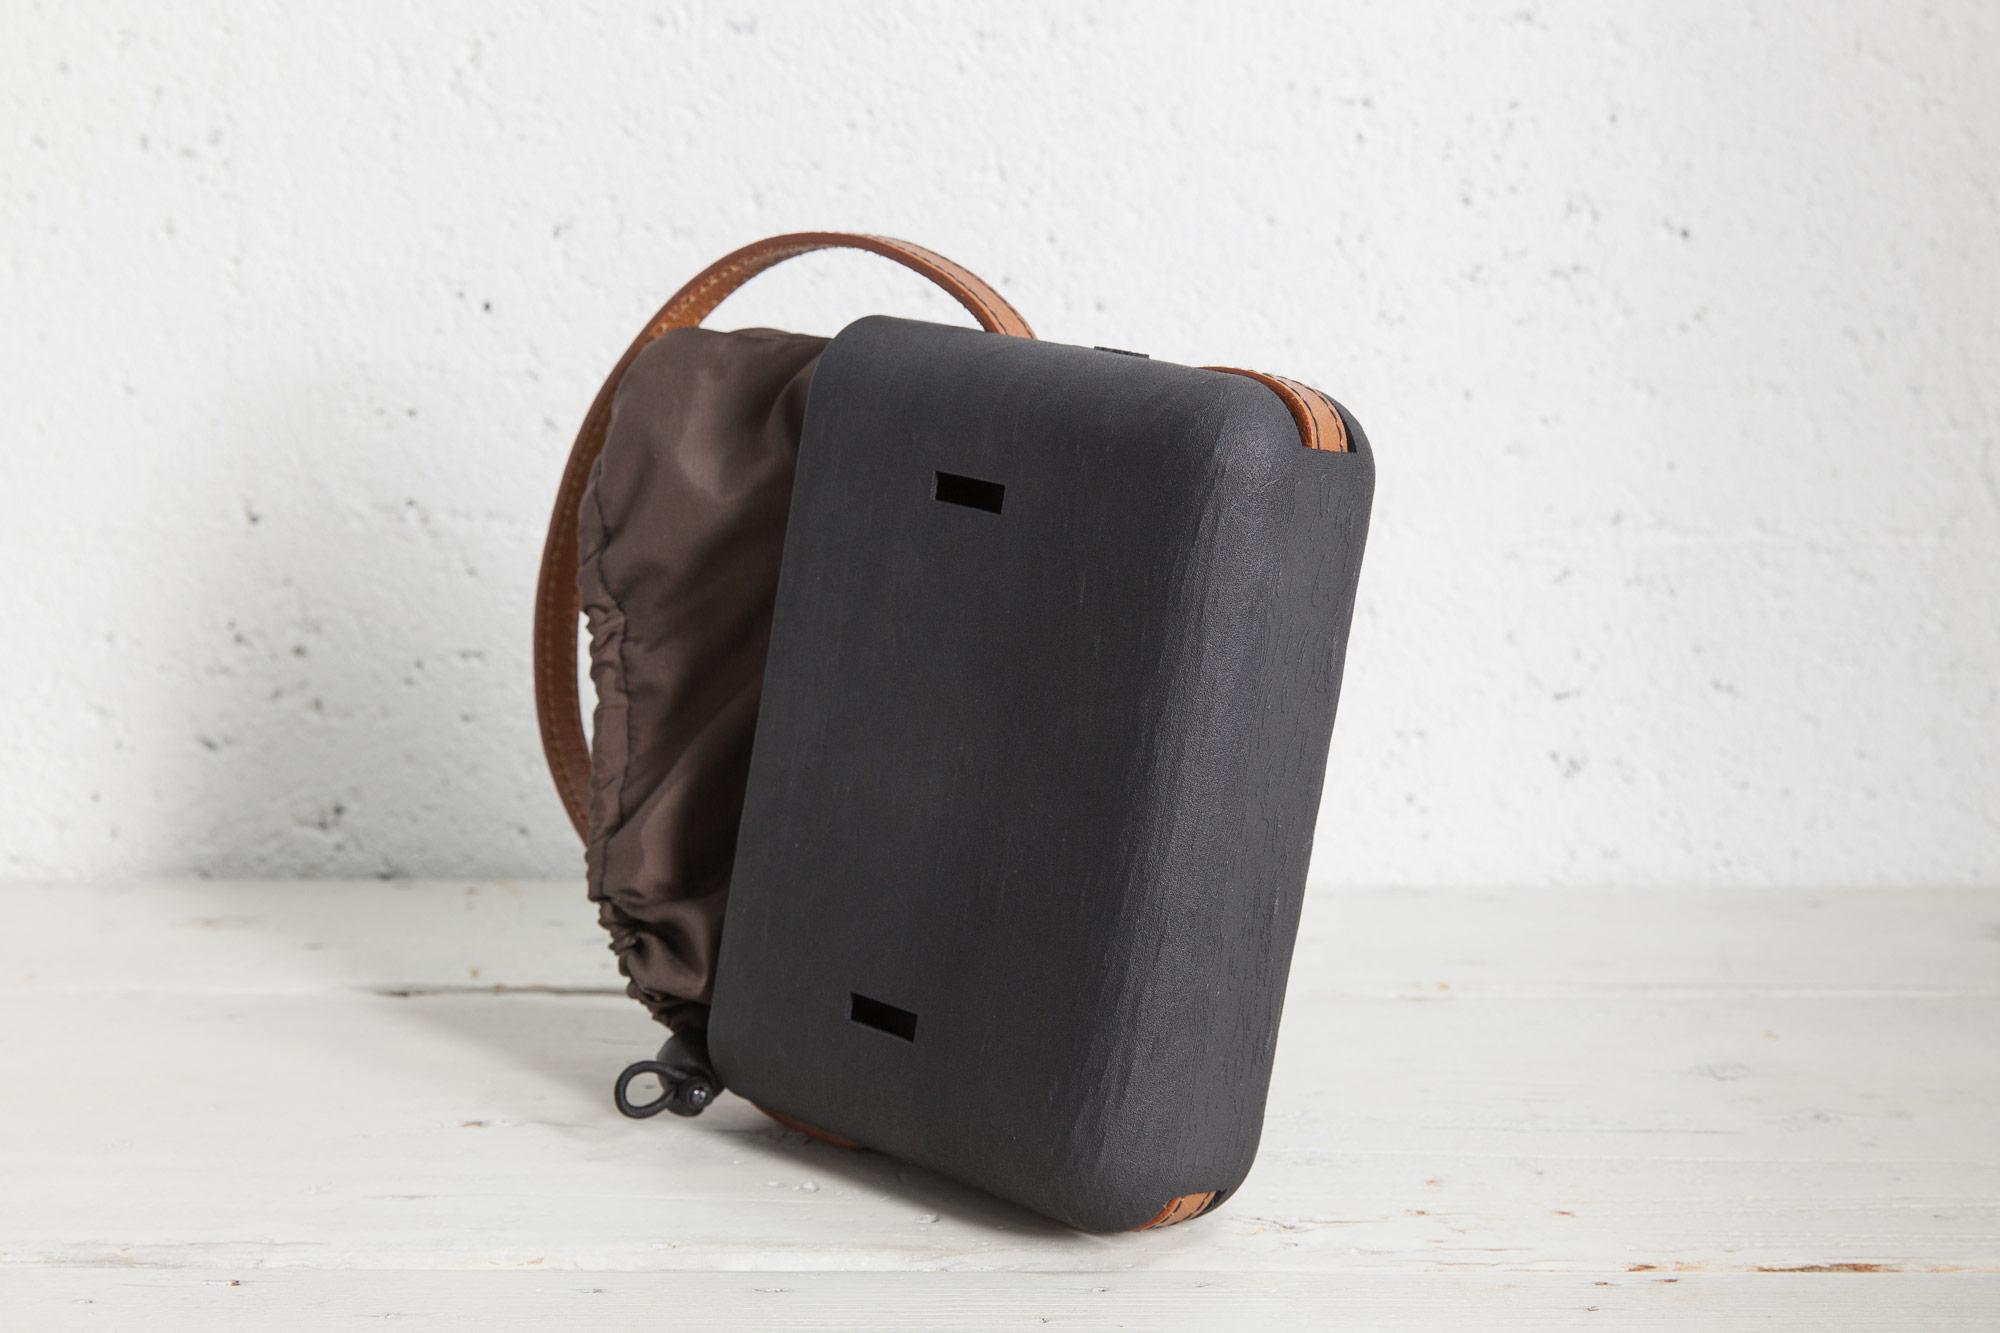 XYZBag. Dada 2. 3D handbag designed as unique items, through a co-created digital sartorial manufacturing process.